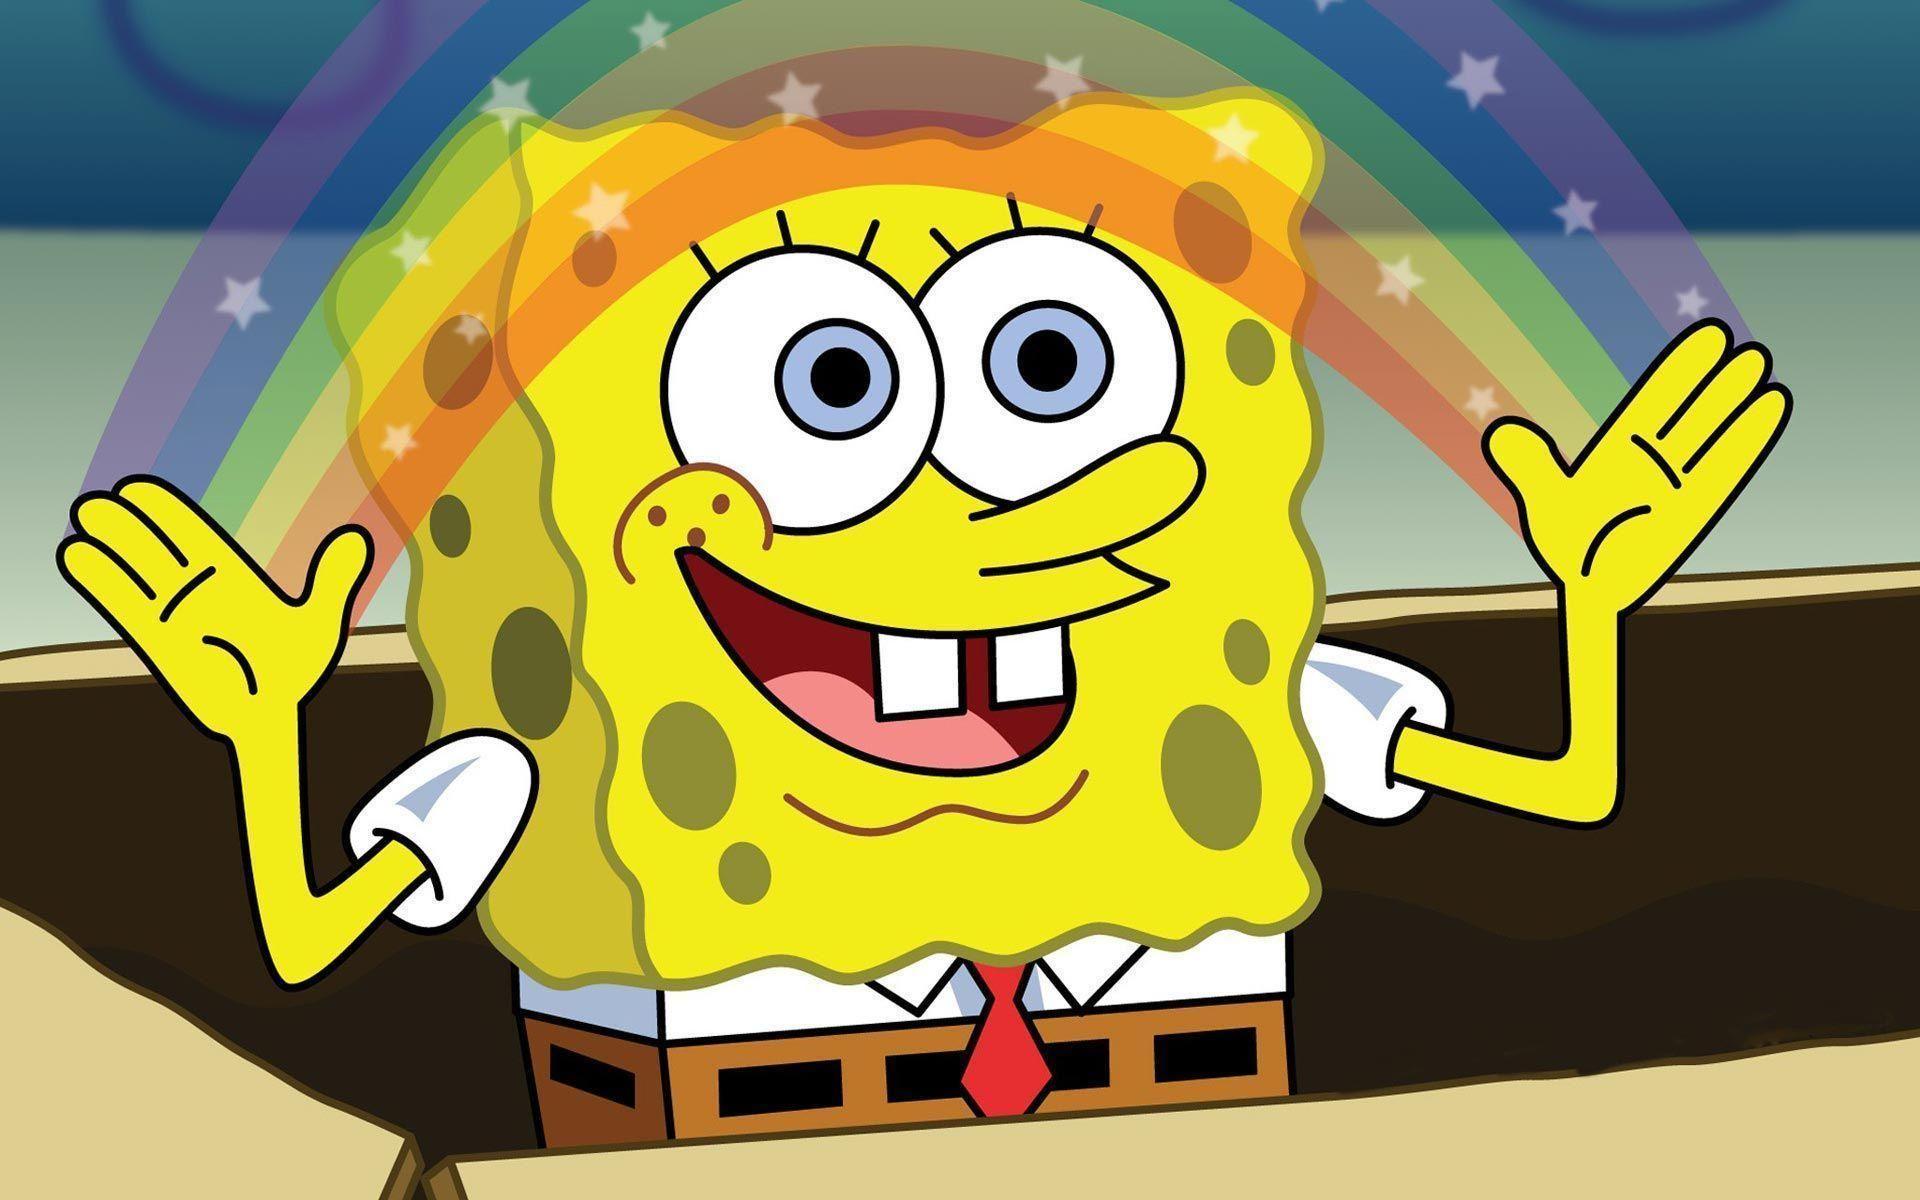 Pin by Keyliann Akakpo on Bob l'éponge in 2020 Spongebob